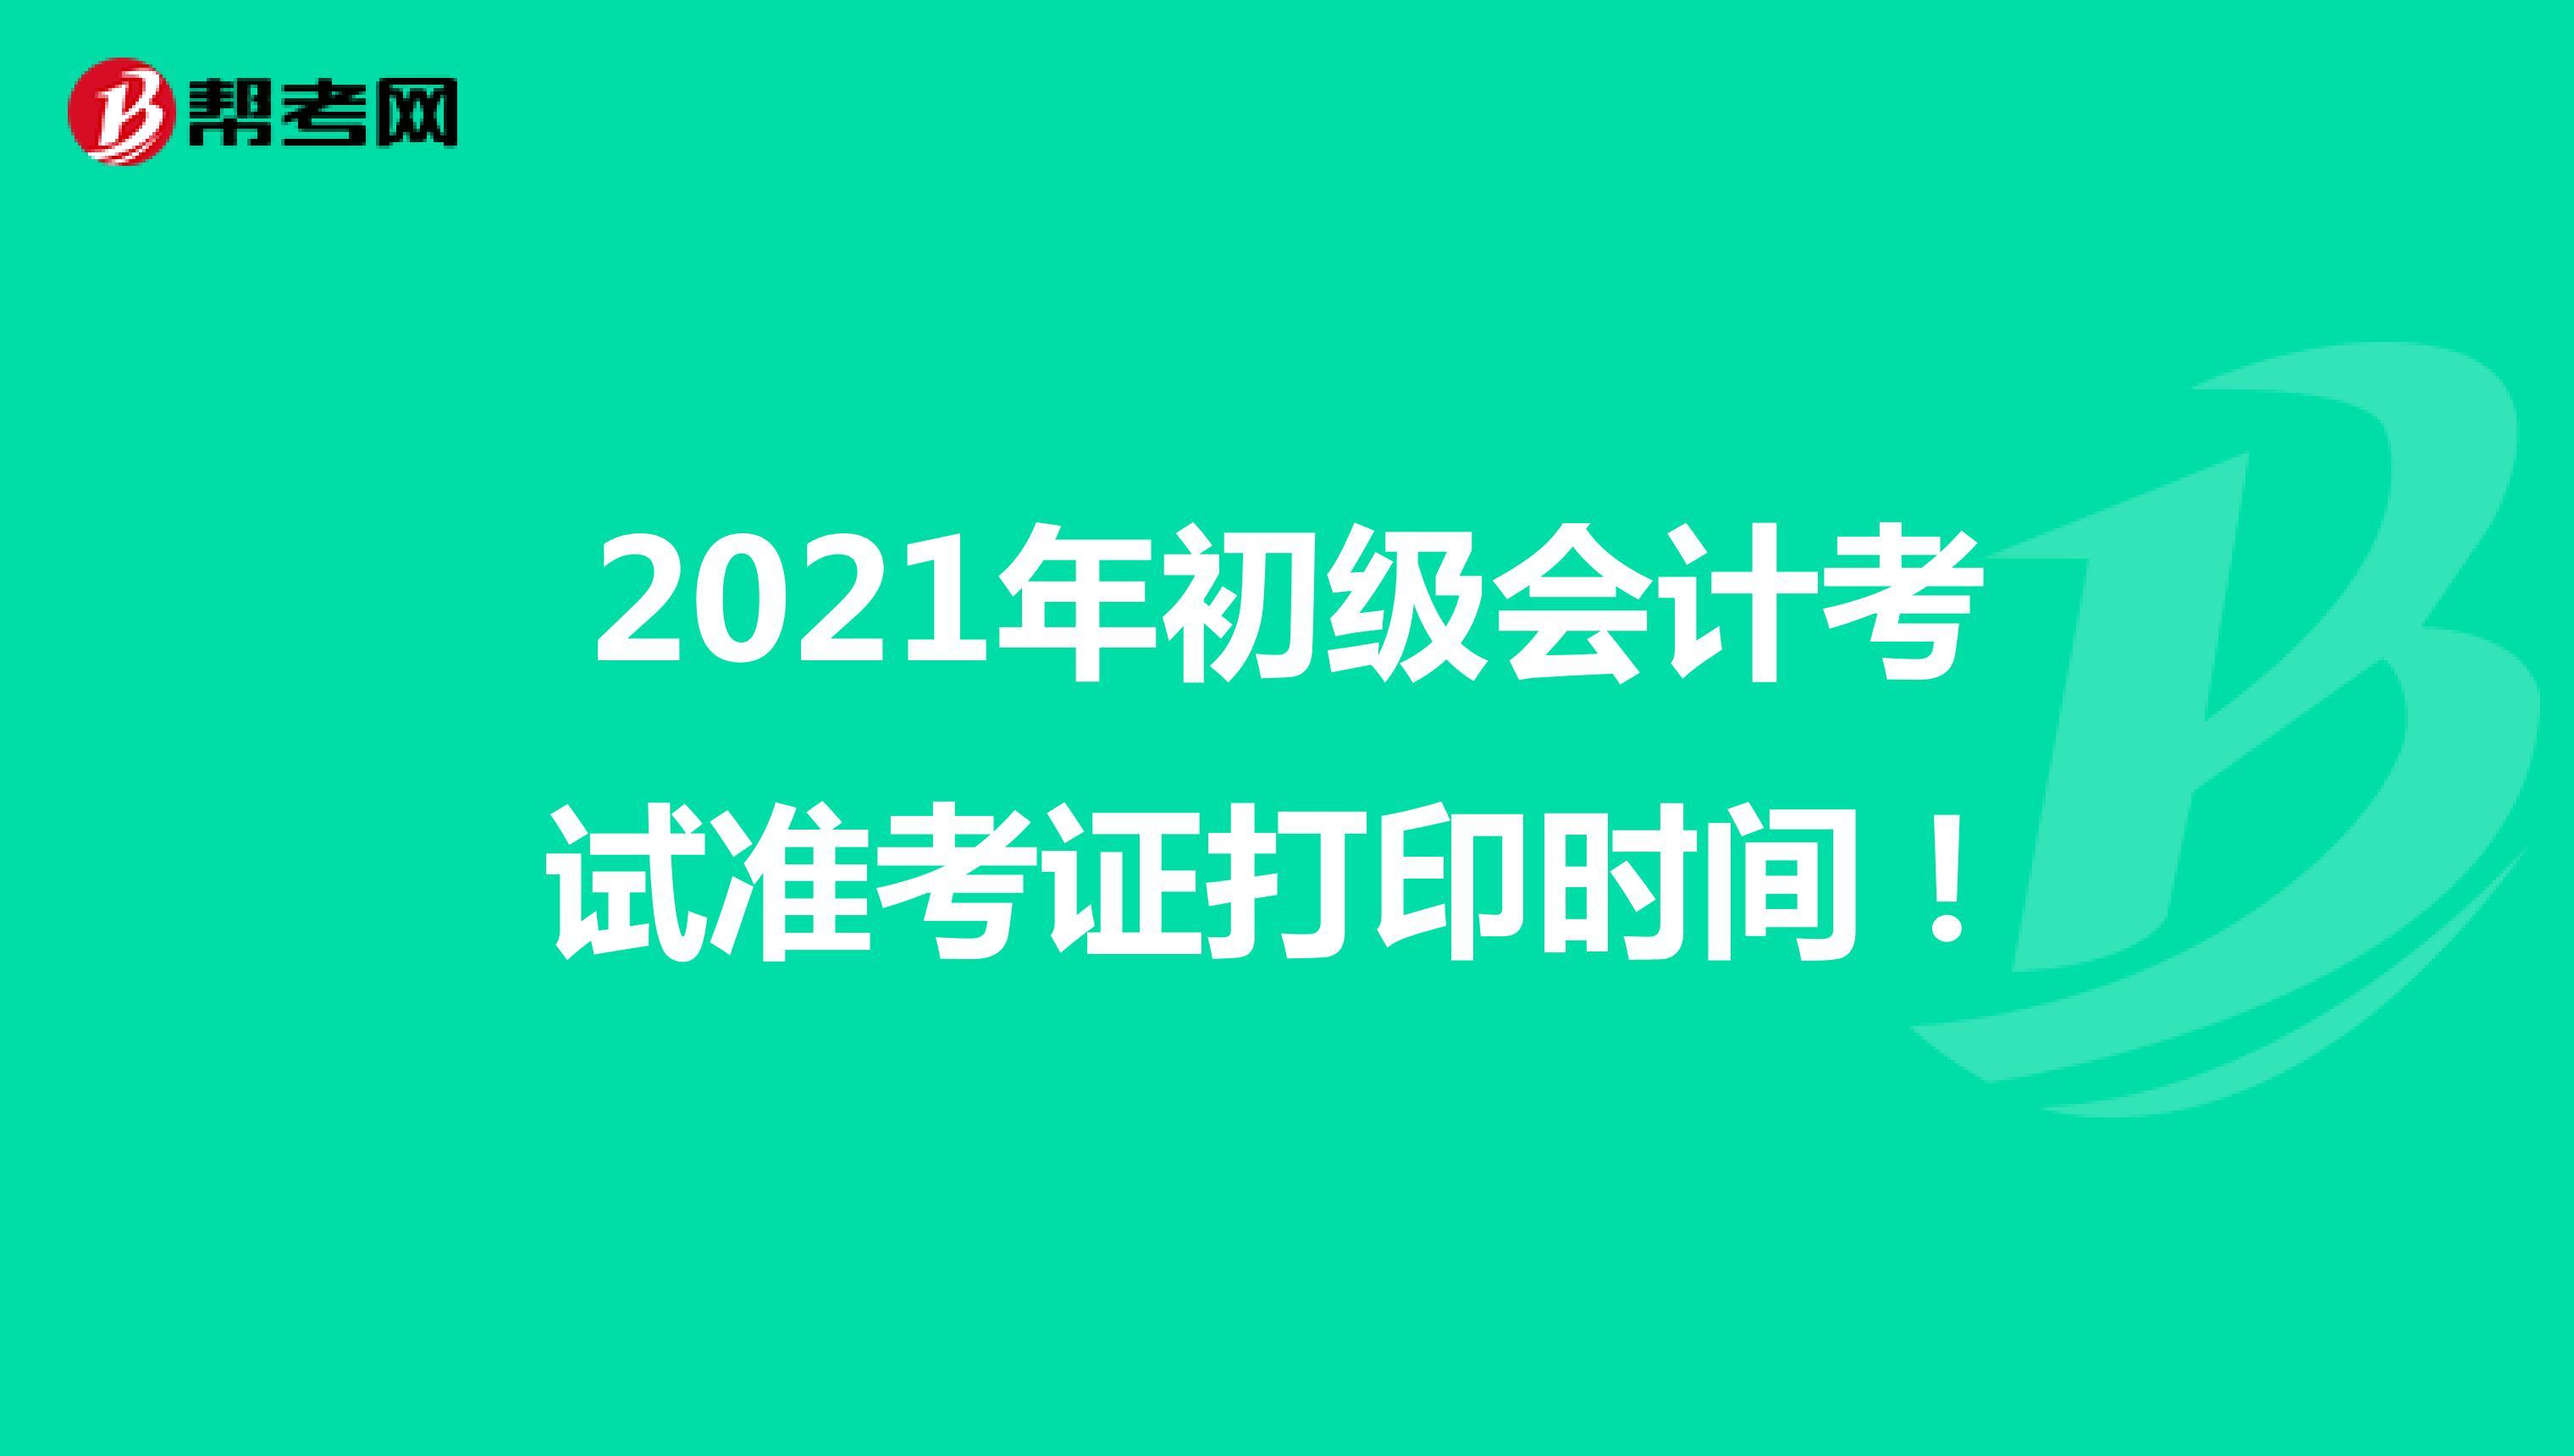 2021年初级会计考试准考证打印时间!